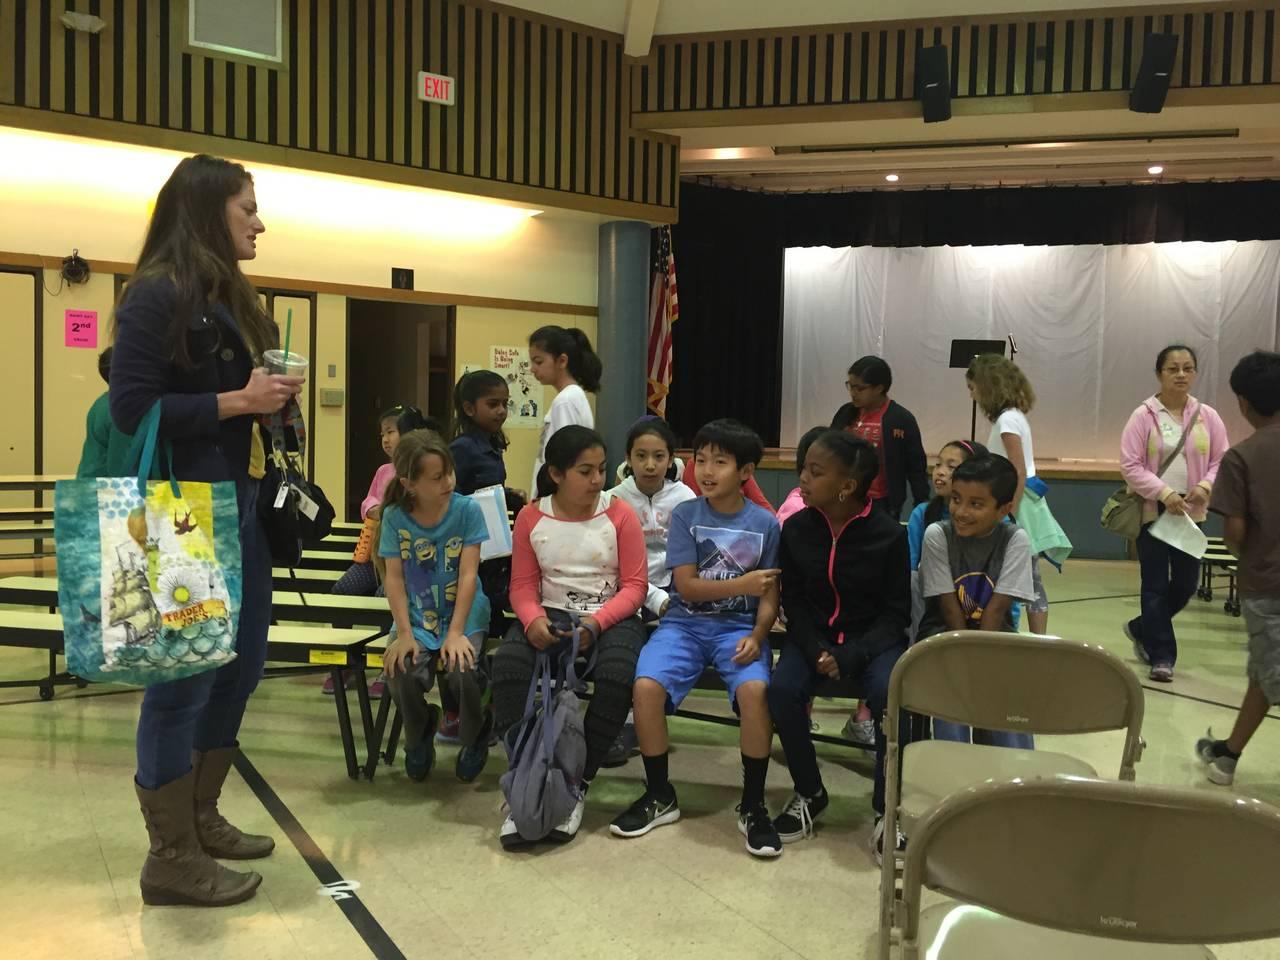 Ardenwood Elementary 4th Grade Cloverleaf Bowling Field Trip